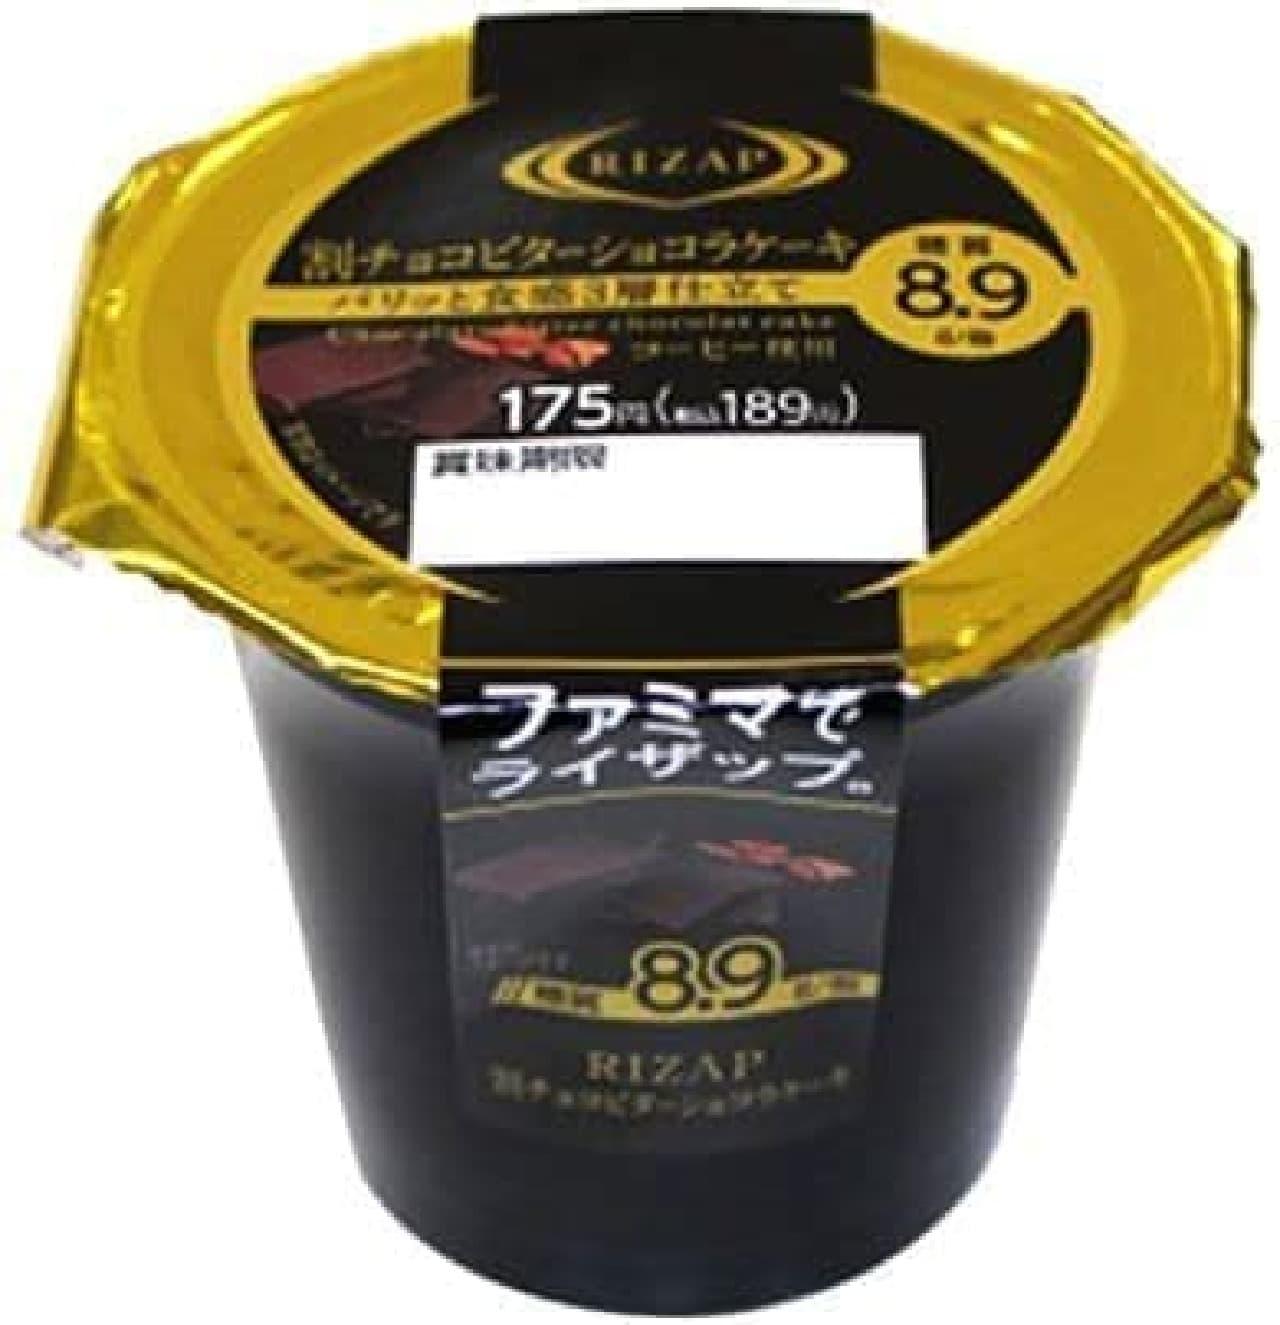 ファミリーマート「RIZAP 割チョコビターショコラケーキ」